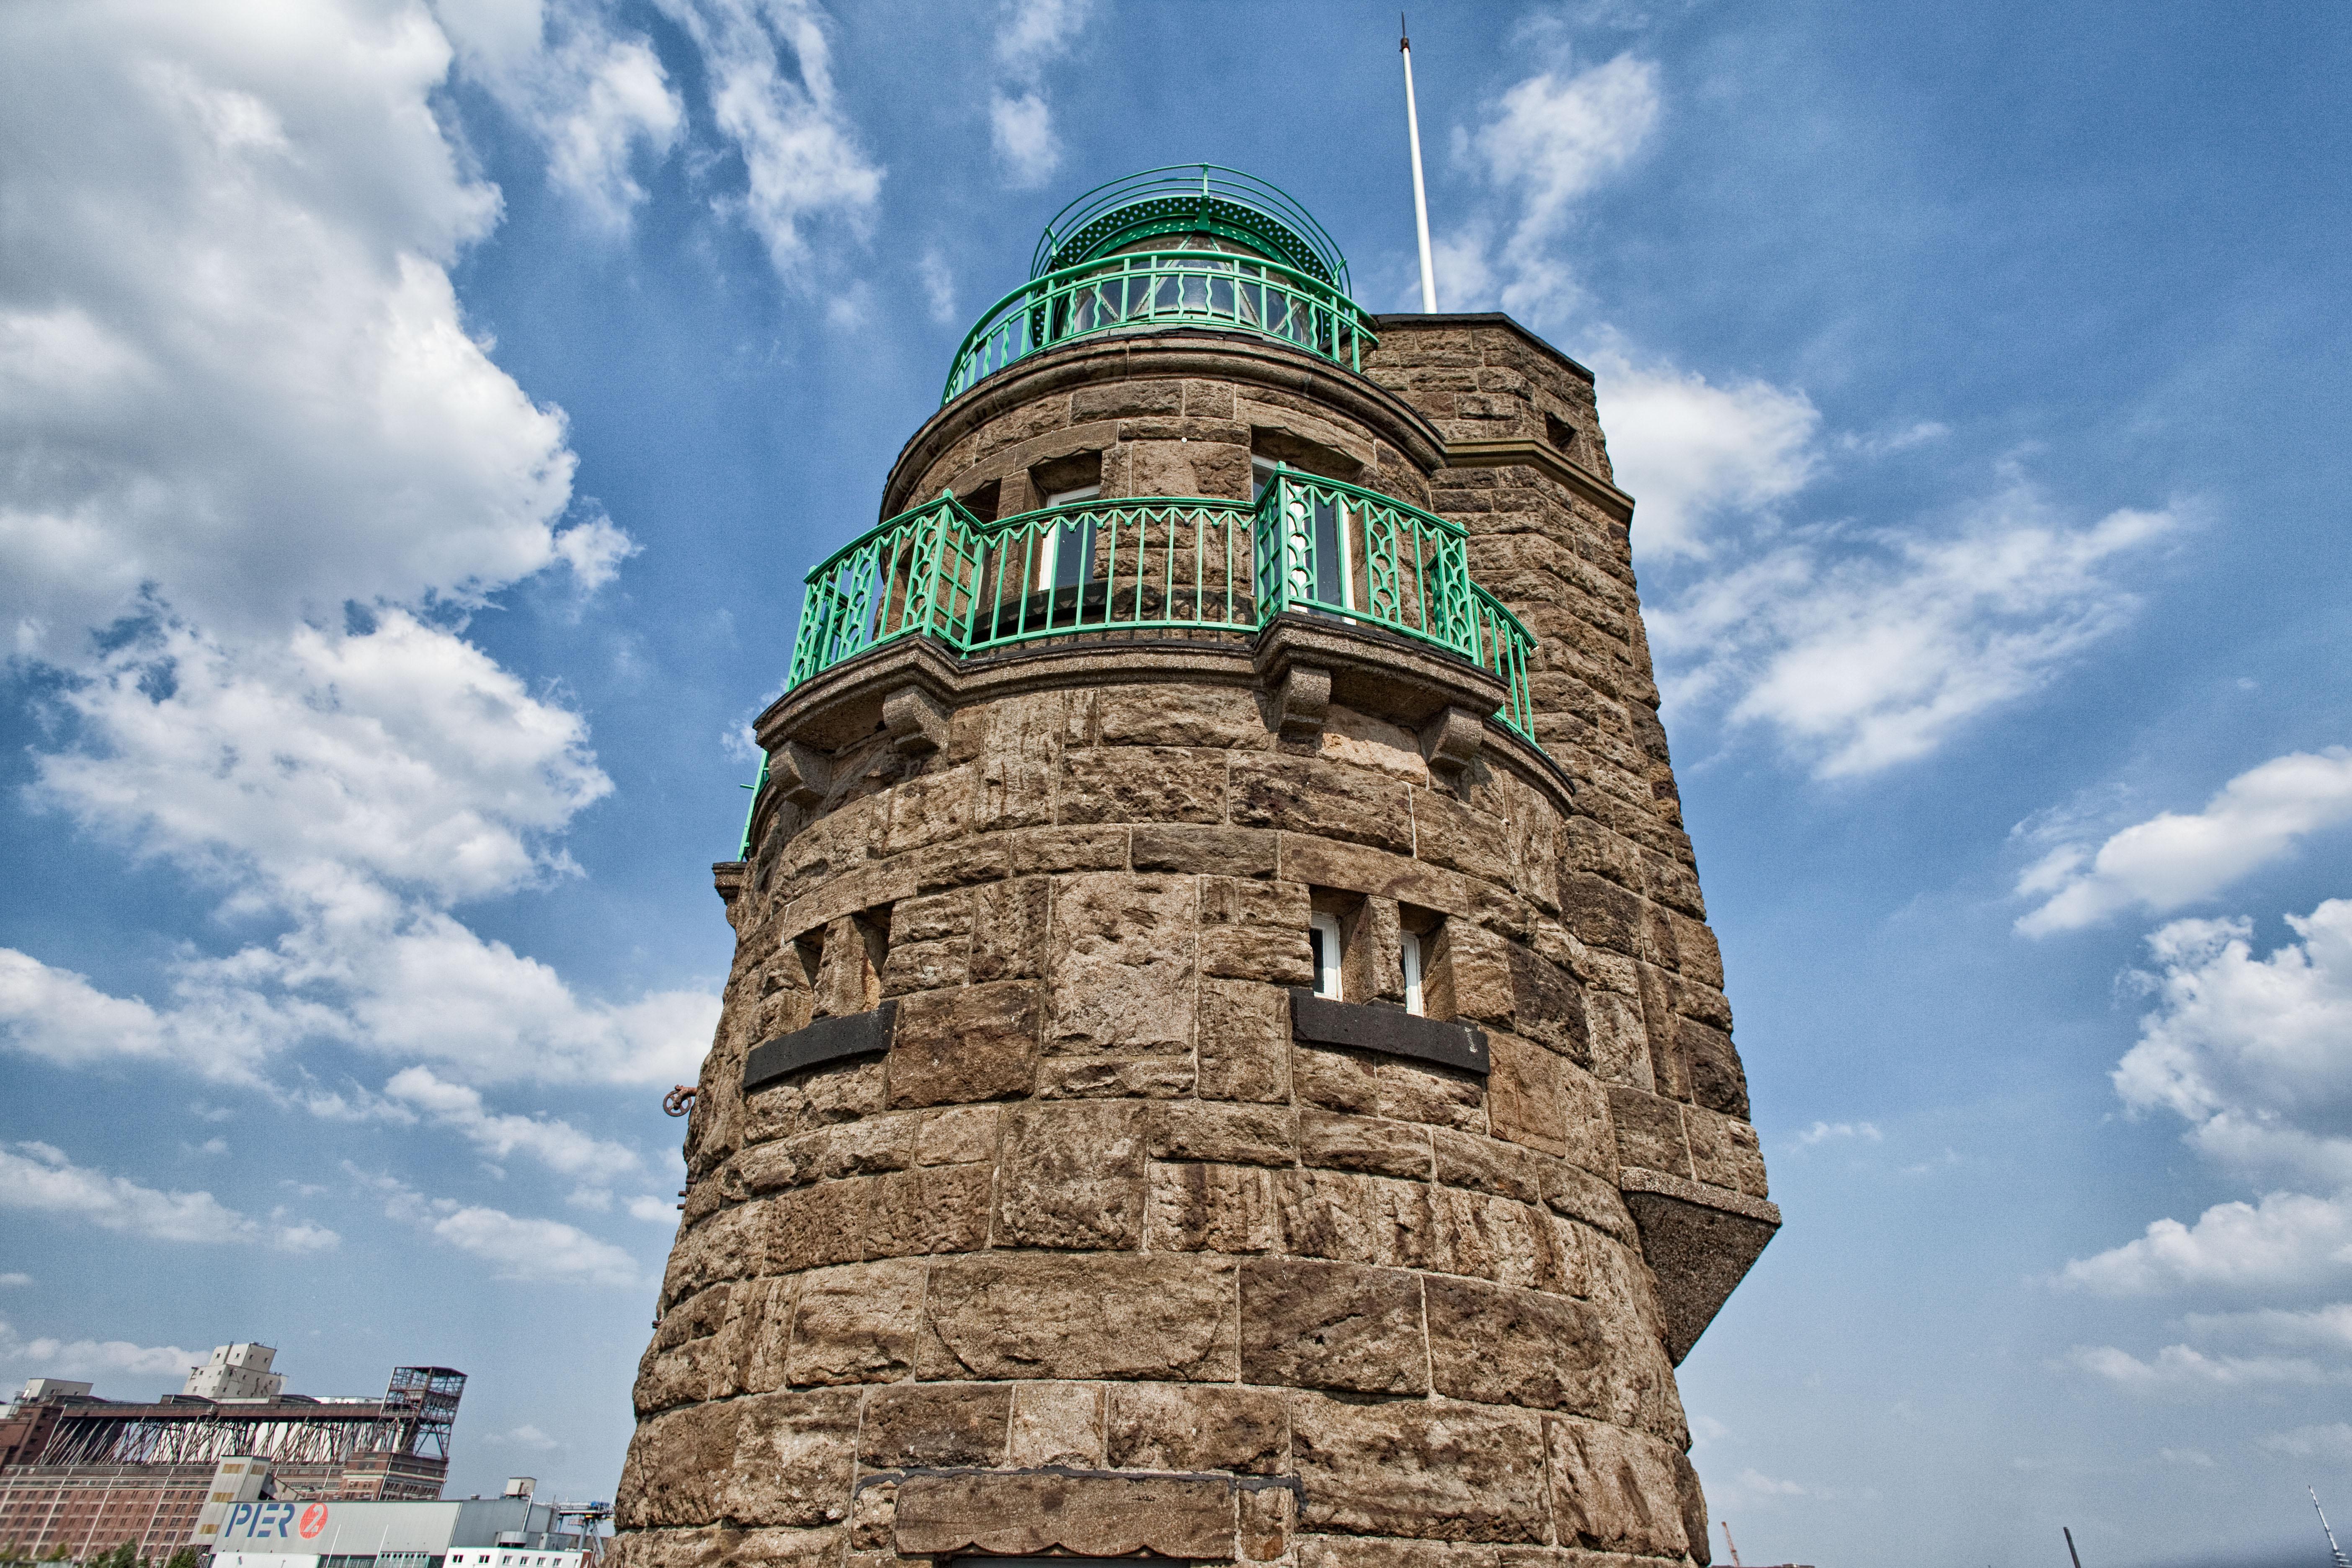 Der Moleturm bietet einen wunderschönen Blick über die Hafenanlagen der Überseestadt.